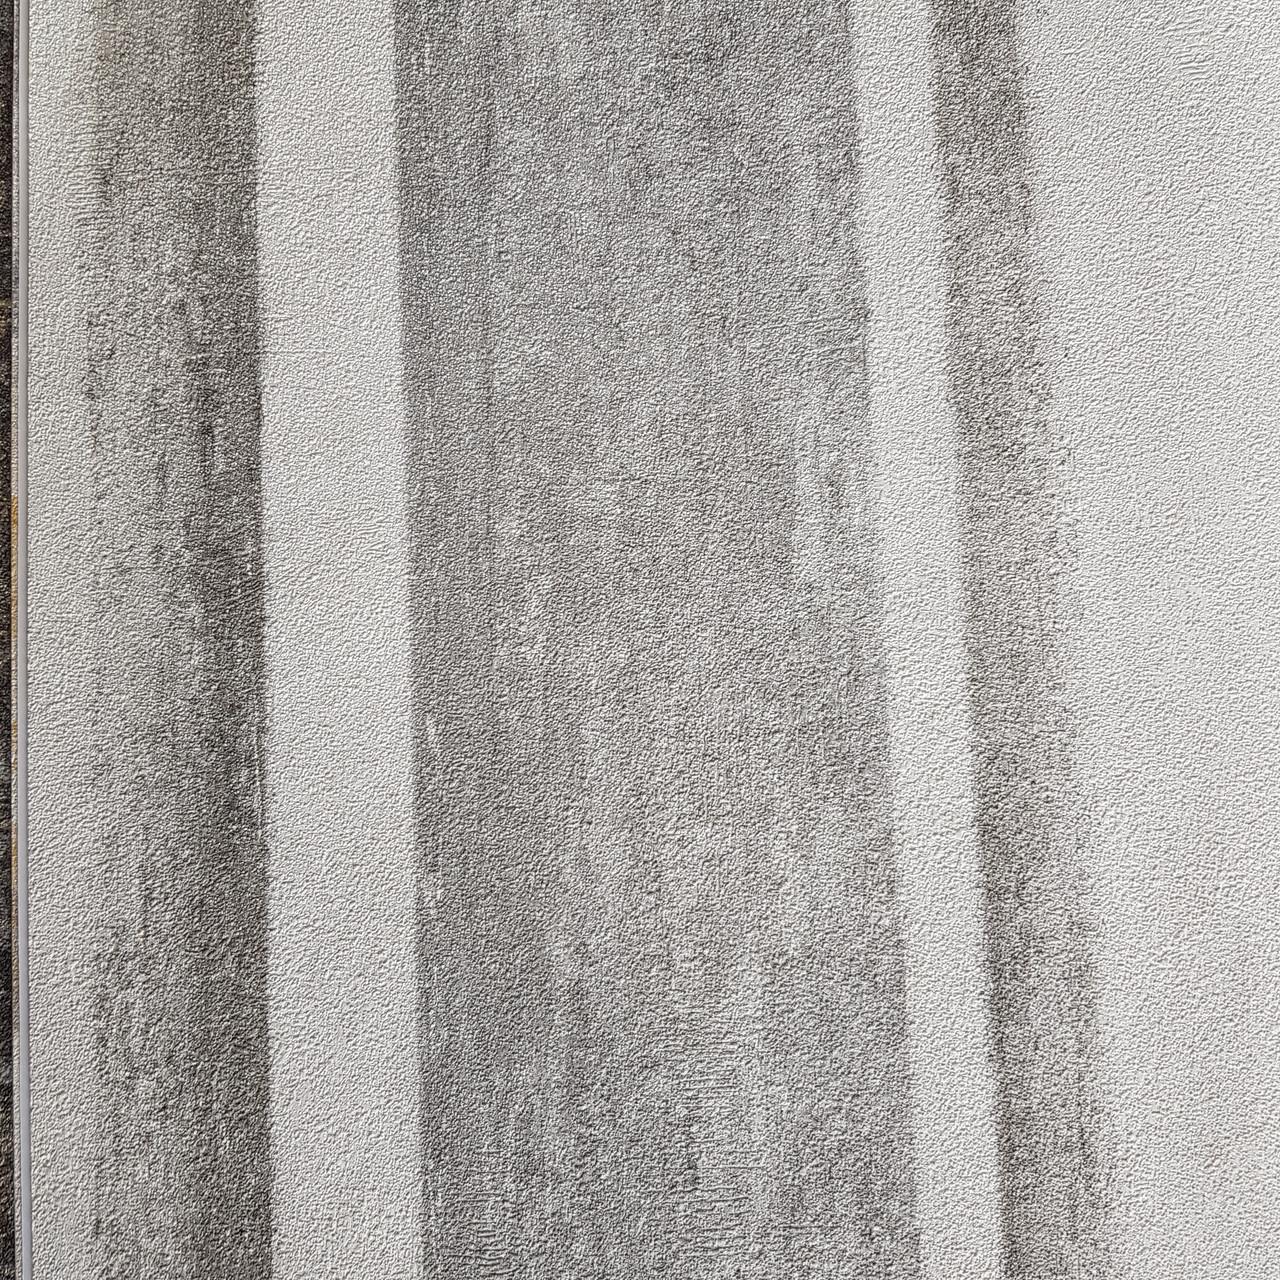 Обои виниловые на флизелине Rasch Linares 0.53х10 м полосы широкие размытые эффект потертости серые белые